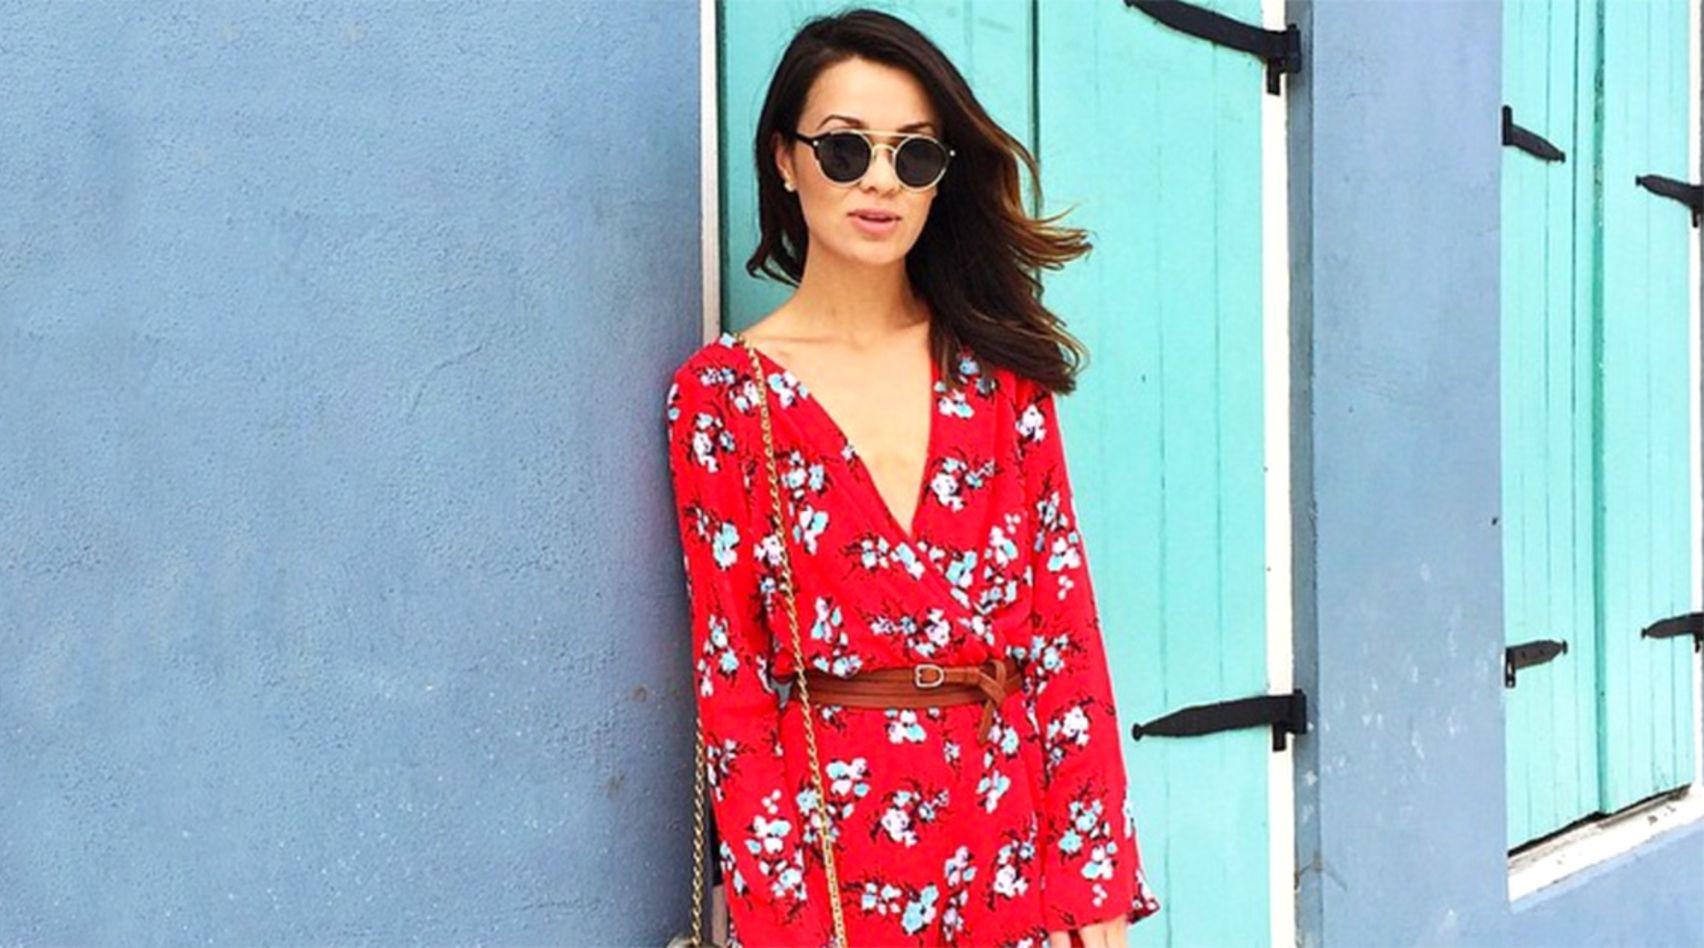 Pretty Petite Die Coolsten Modebloggerinnen Unter 160M